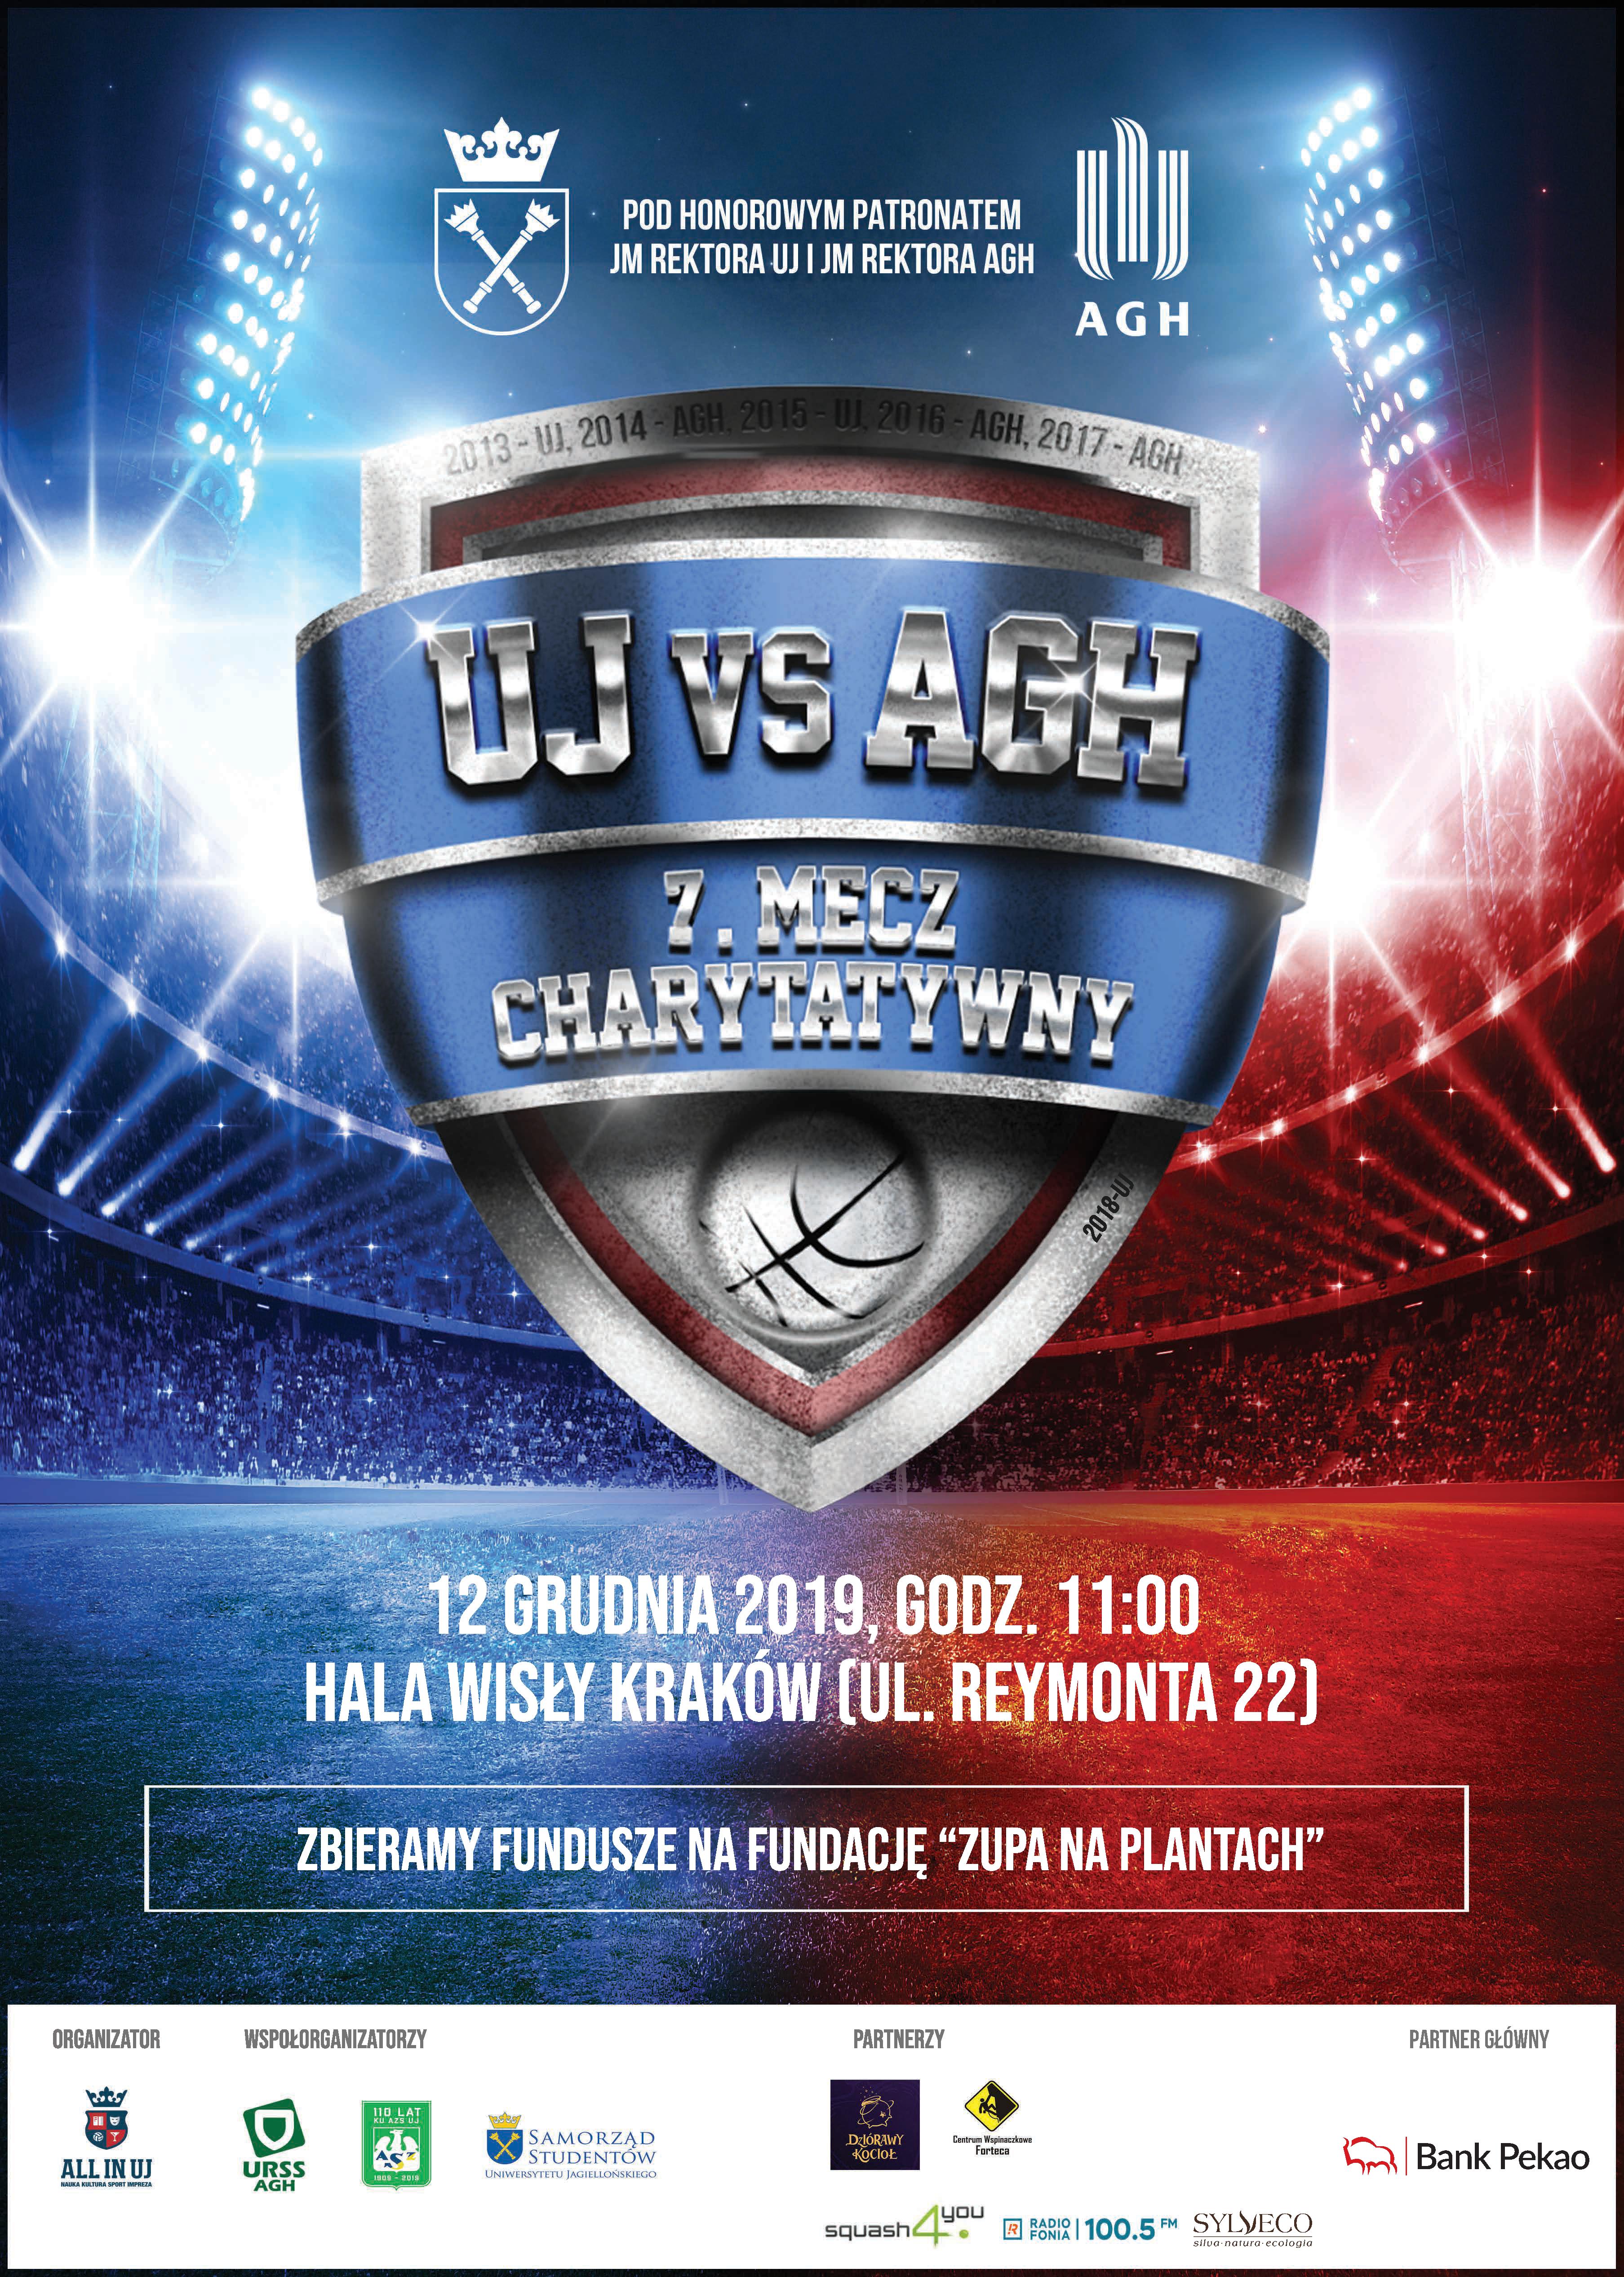 Plakat Charytatywny mecz AZS UJ s AZS AGH